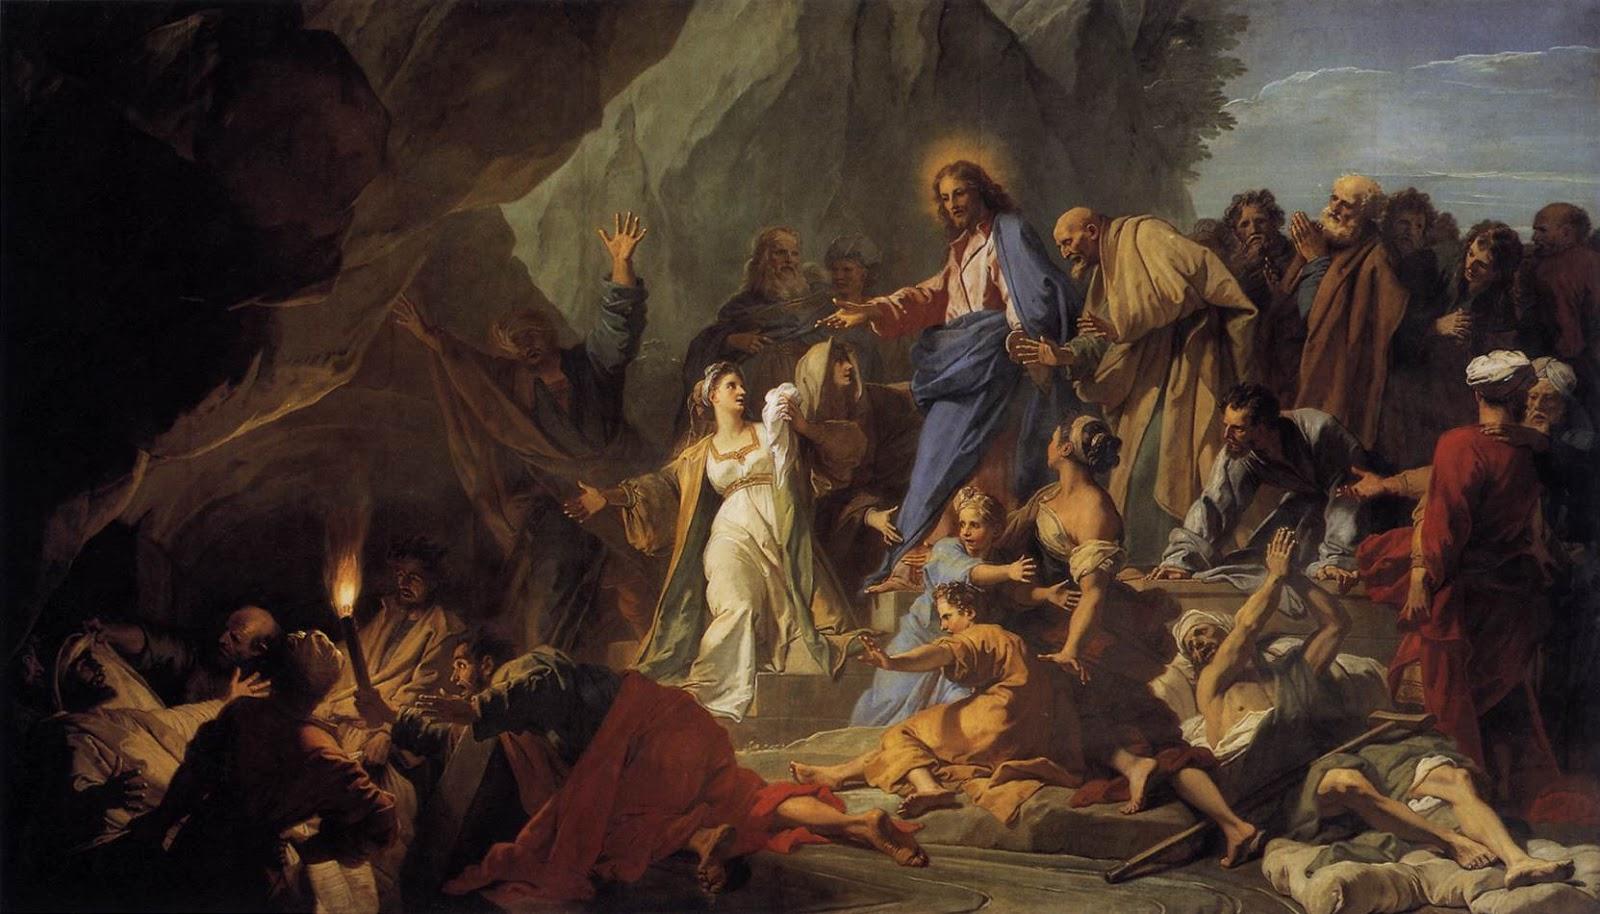 David's everlasting covenant